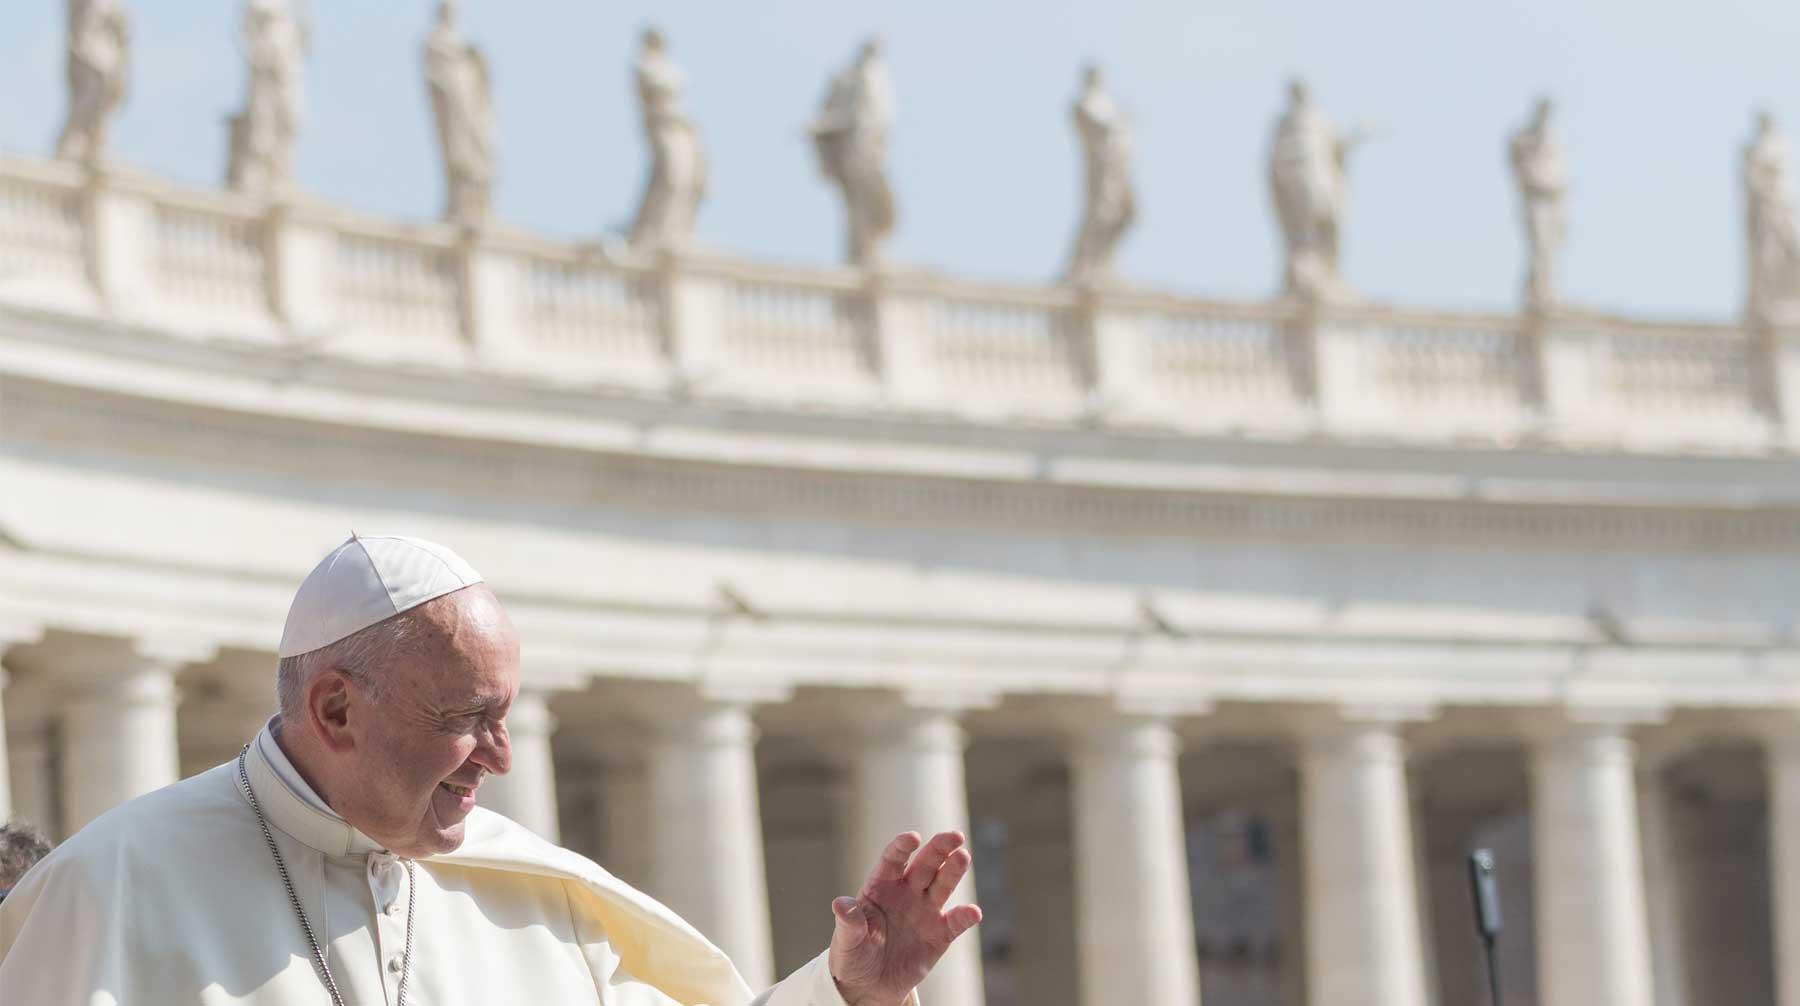 4 июля Владимир Путин встретится с папой римским Франциском